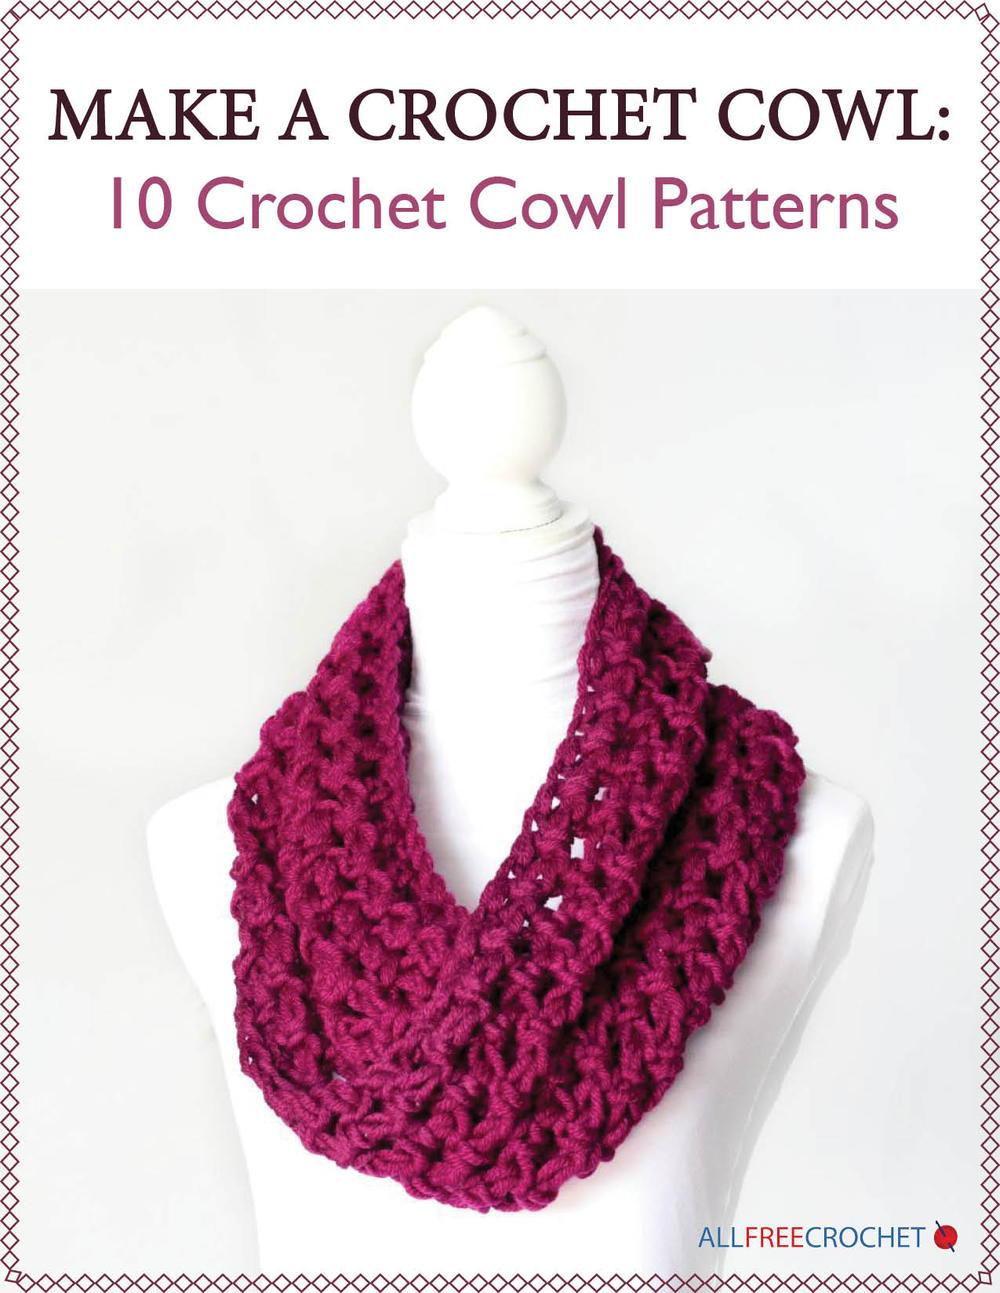 crochet cowl pattern make a crochet cowl: 10 crochet cowl patterns | allfreecrochet.com rqyfmzv